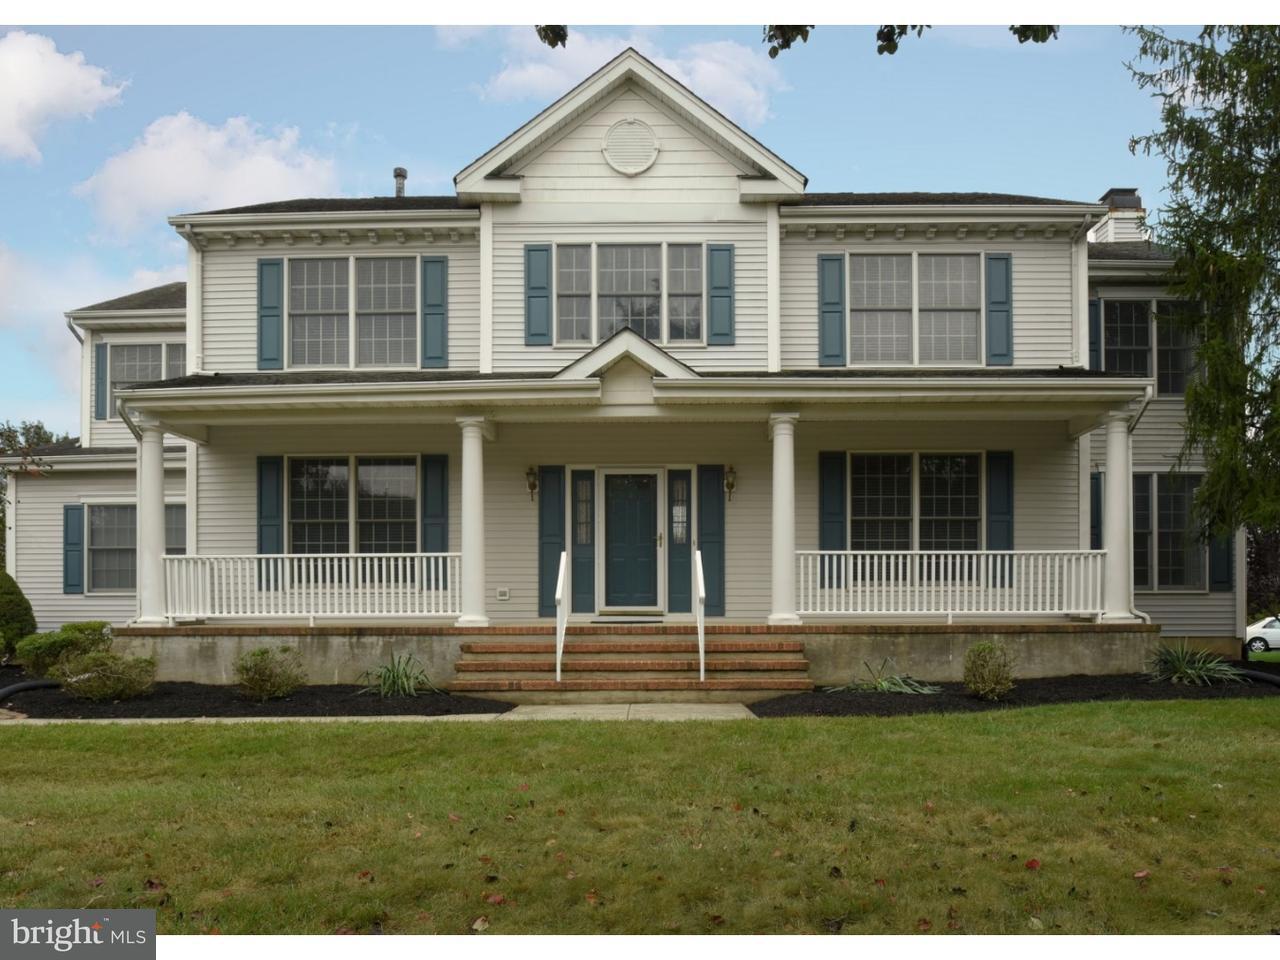 Casa Unifamiliar por un Venta en 4 PERRINE Lane Cranbury, Nueva Jersey 08512 Estados UnidosEn/Alrededor: Cranbury Township